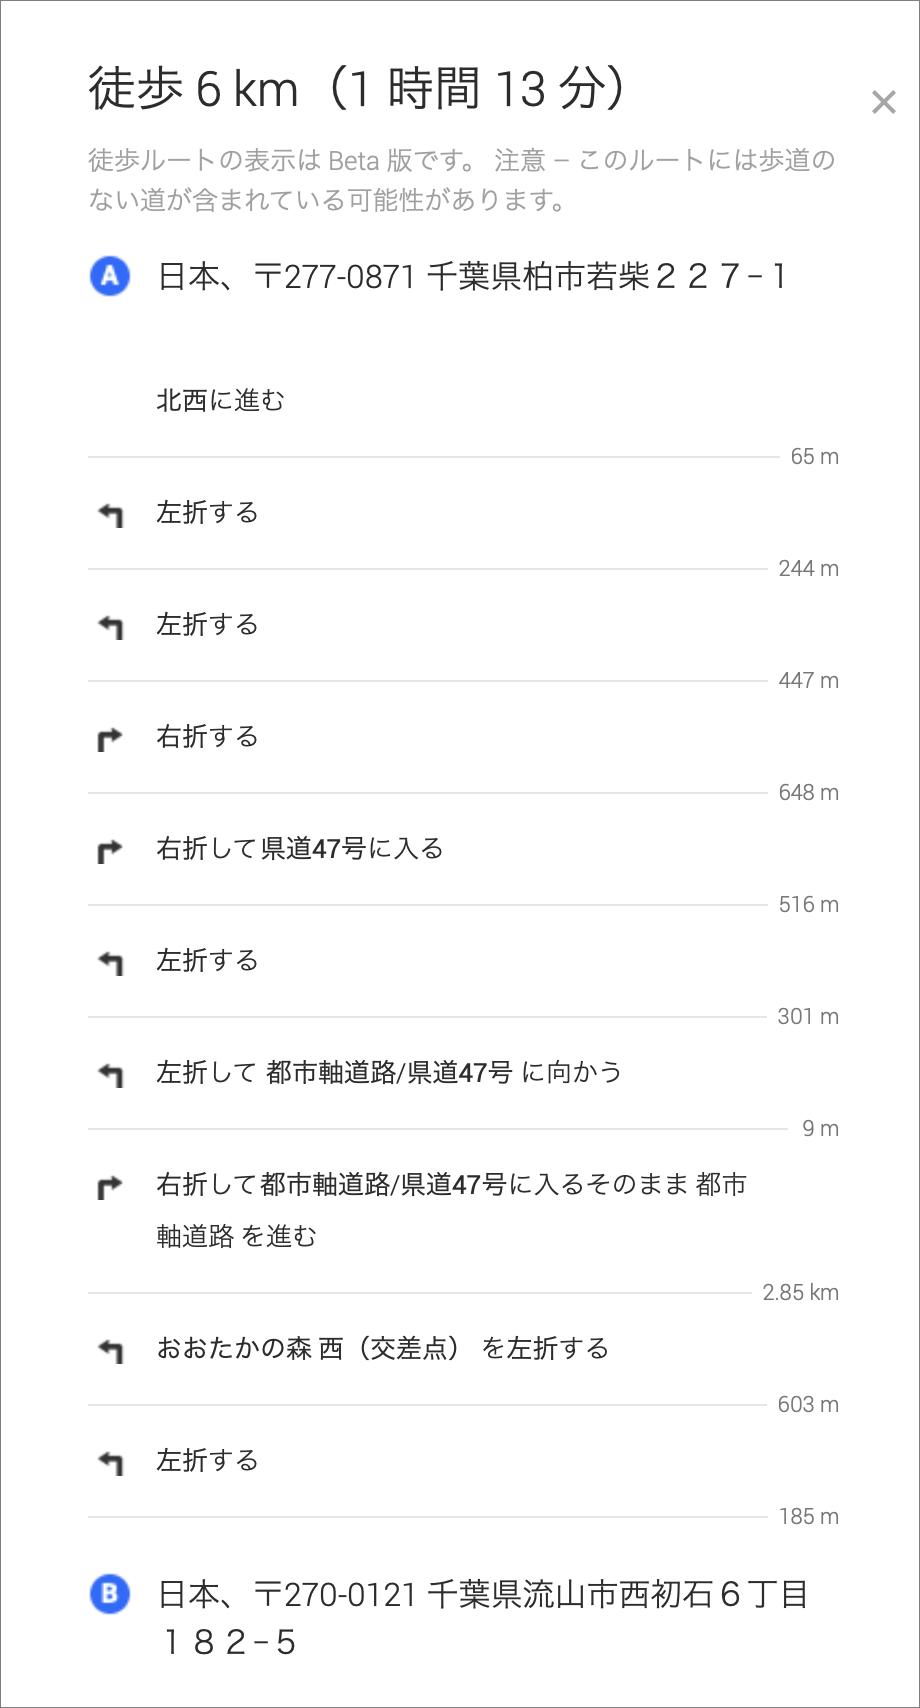 Googleマイマップ TX沿線ポタリング:柏の葉 Tサイト → おおたかの森S・C:経路の詳細